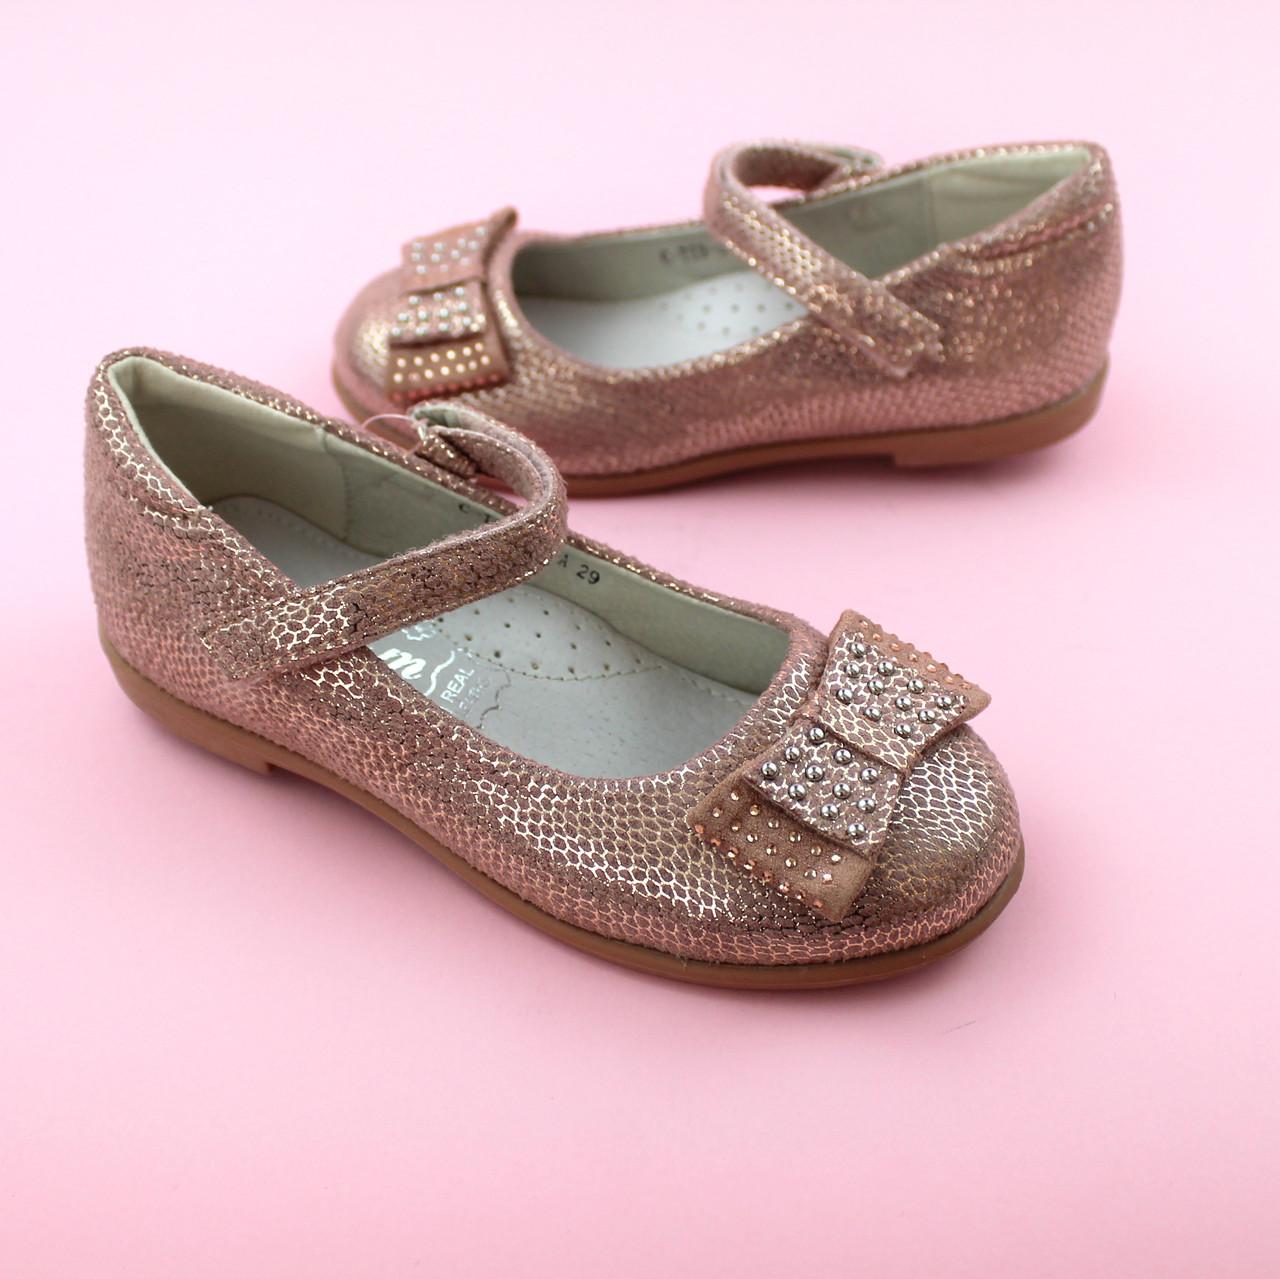 Детские туфли для девочки Пудра обувь Том.м размер 31,32,33,34,35